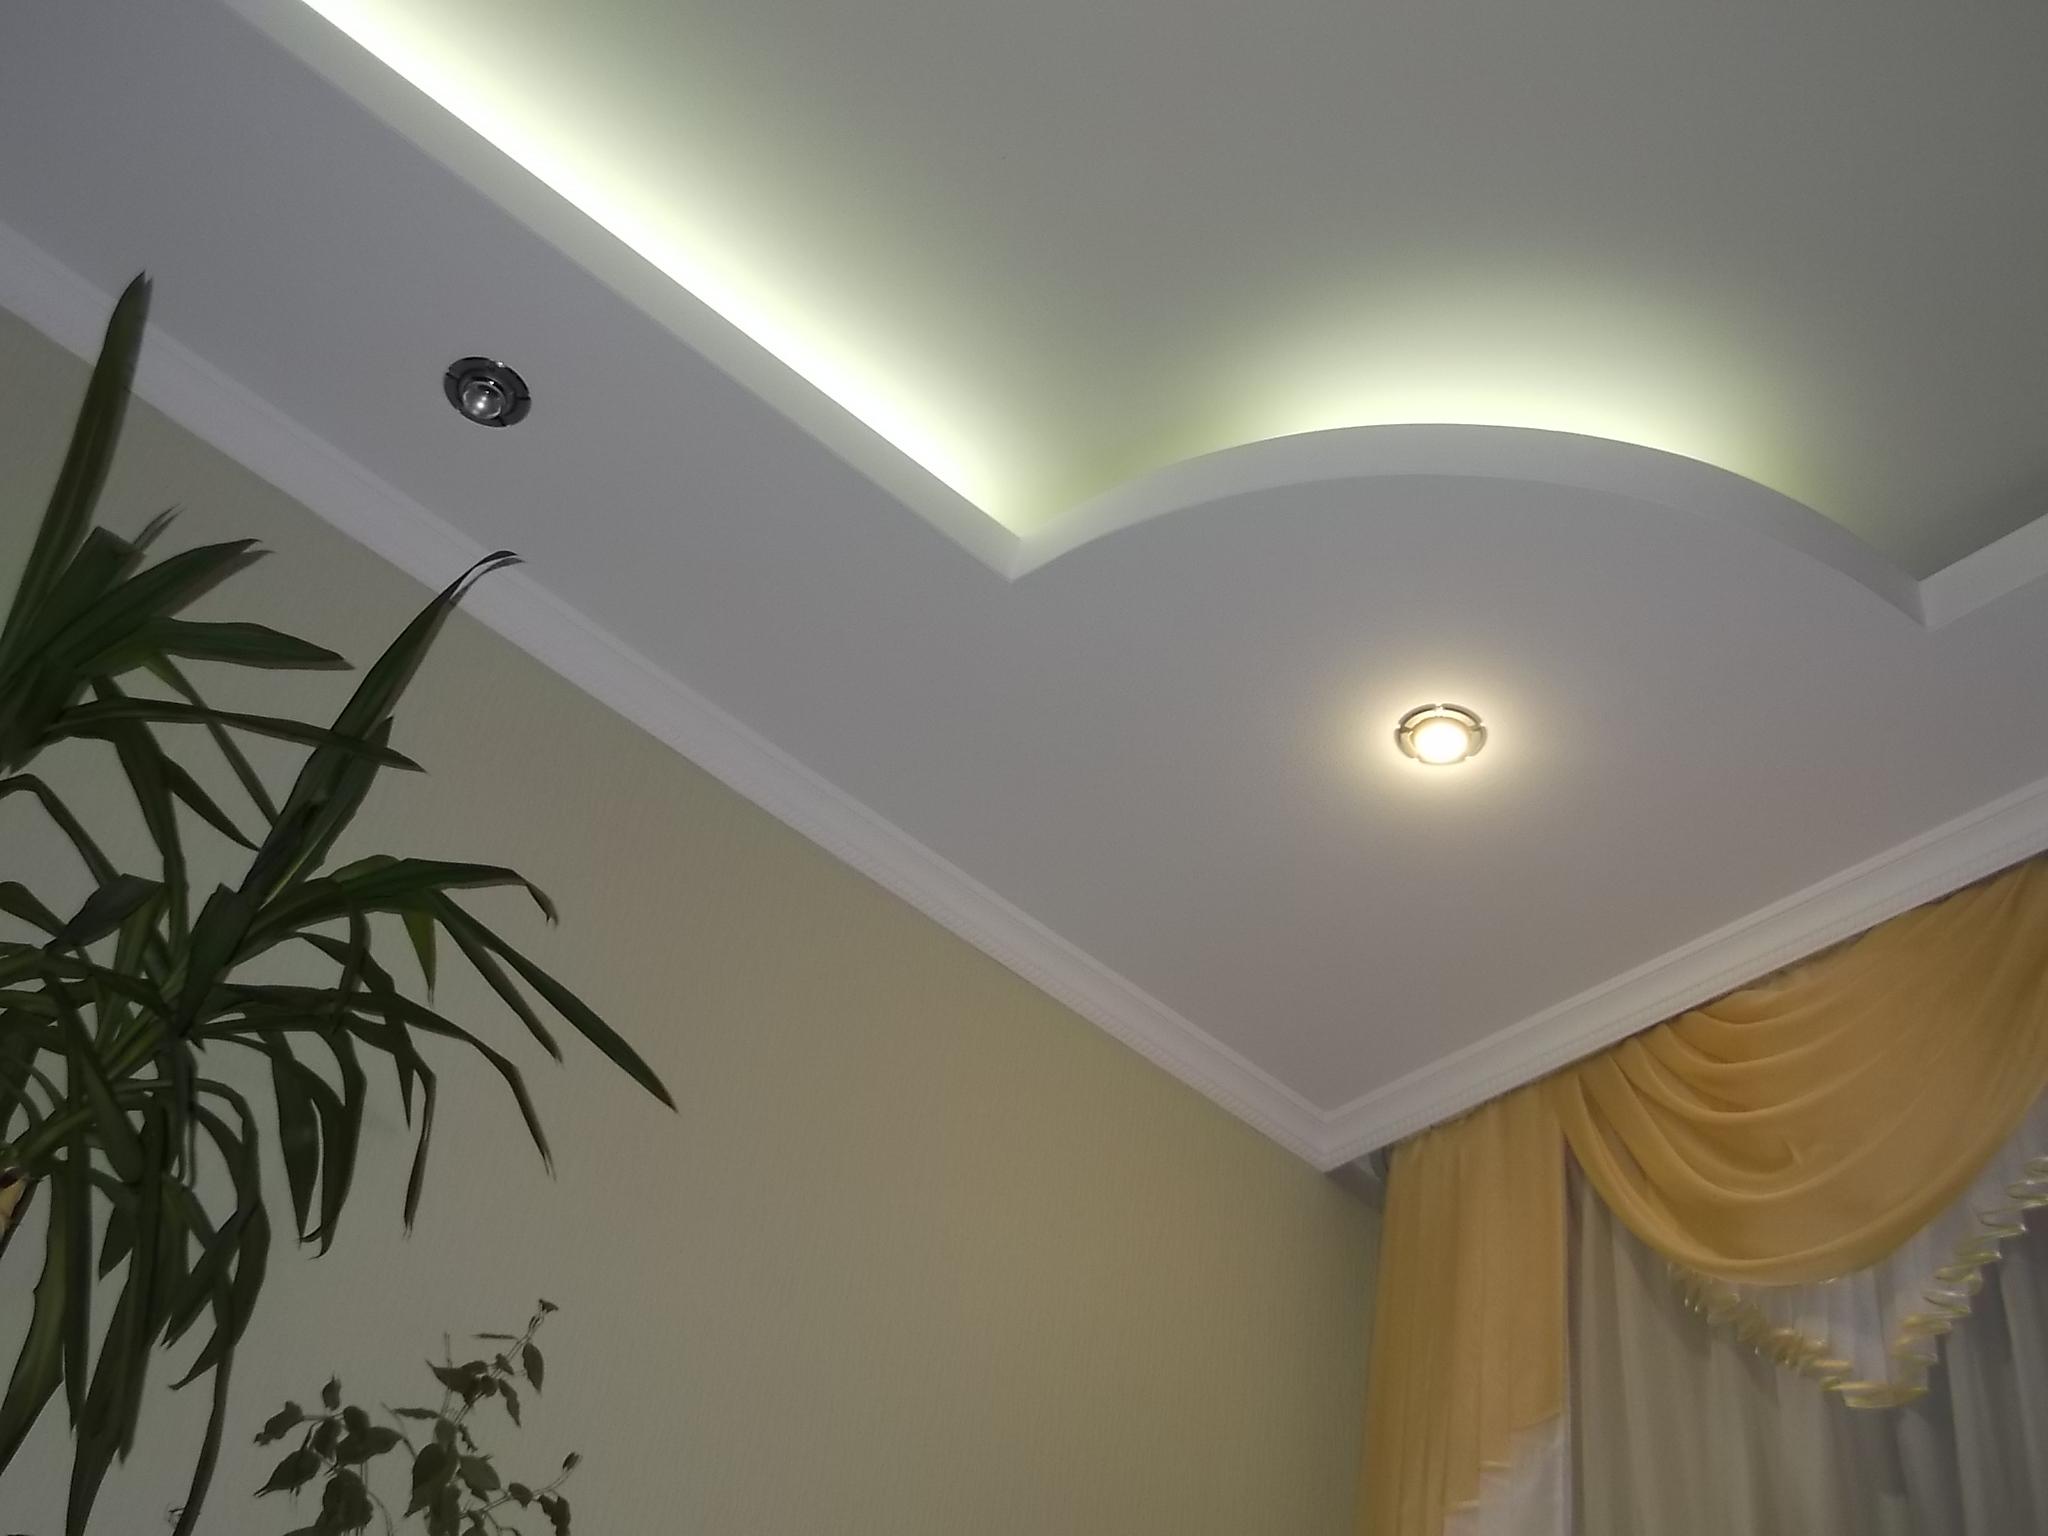 Фигурный потолок с подсветкой